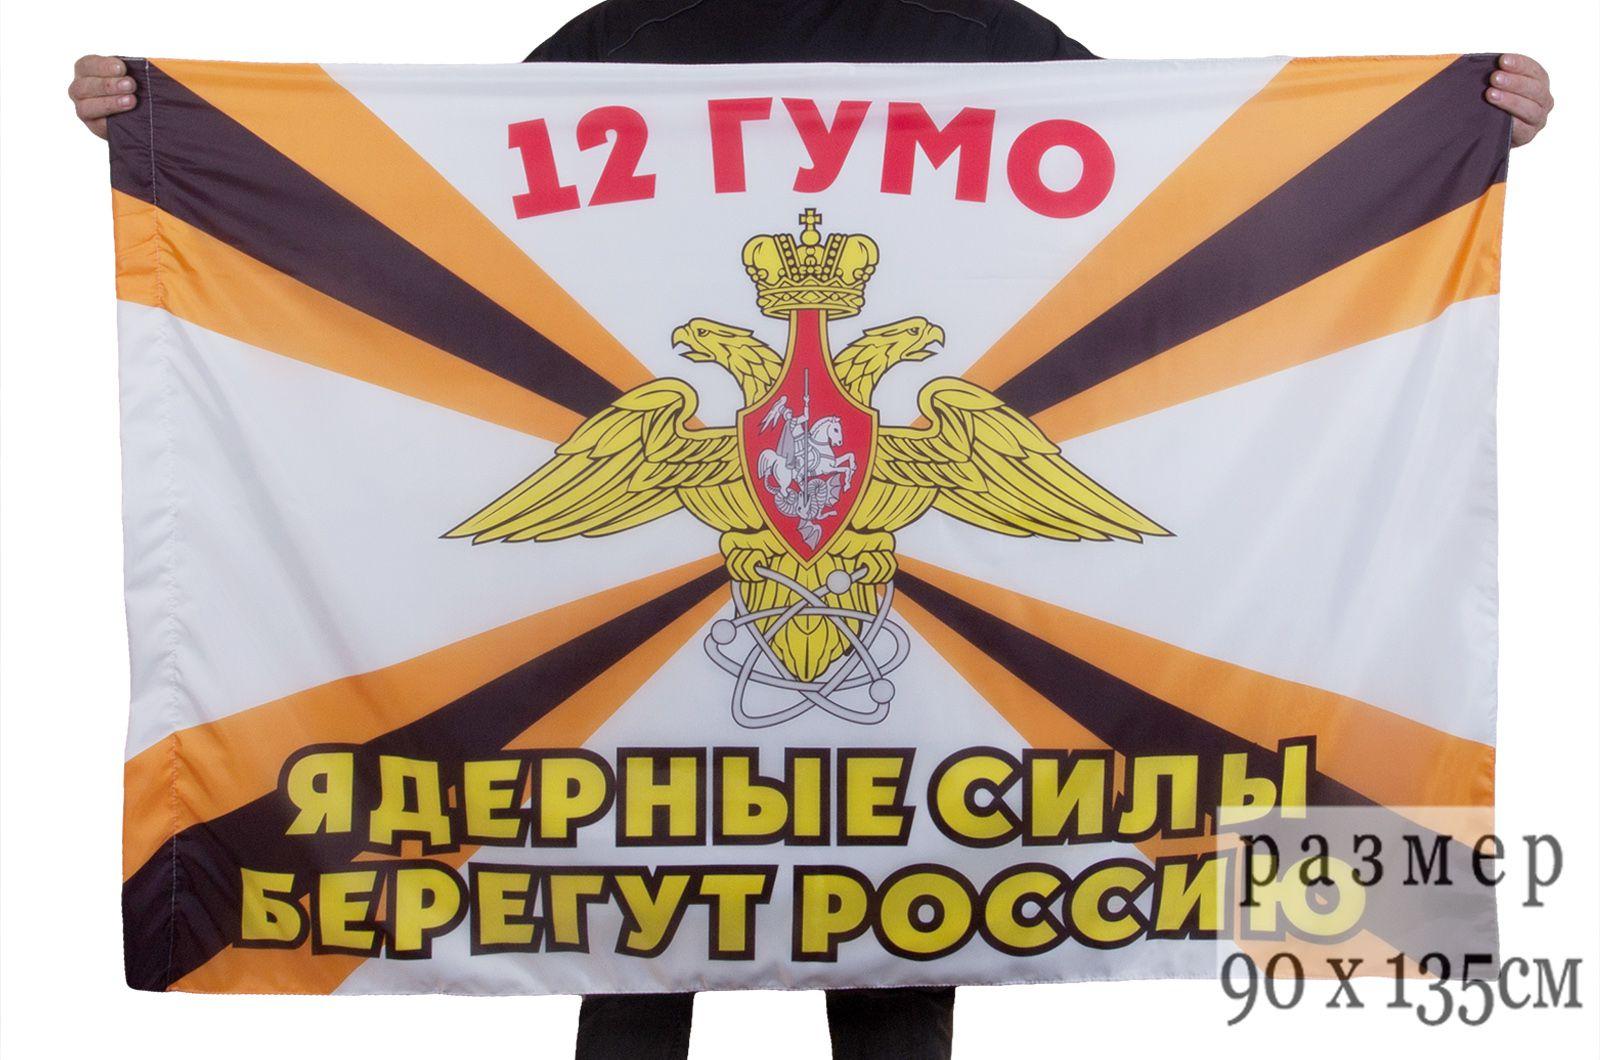 """Флаг 12-го ГУМО """"Ядерные силы берегут Россию"""""""